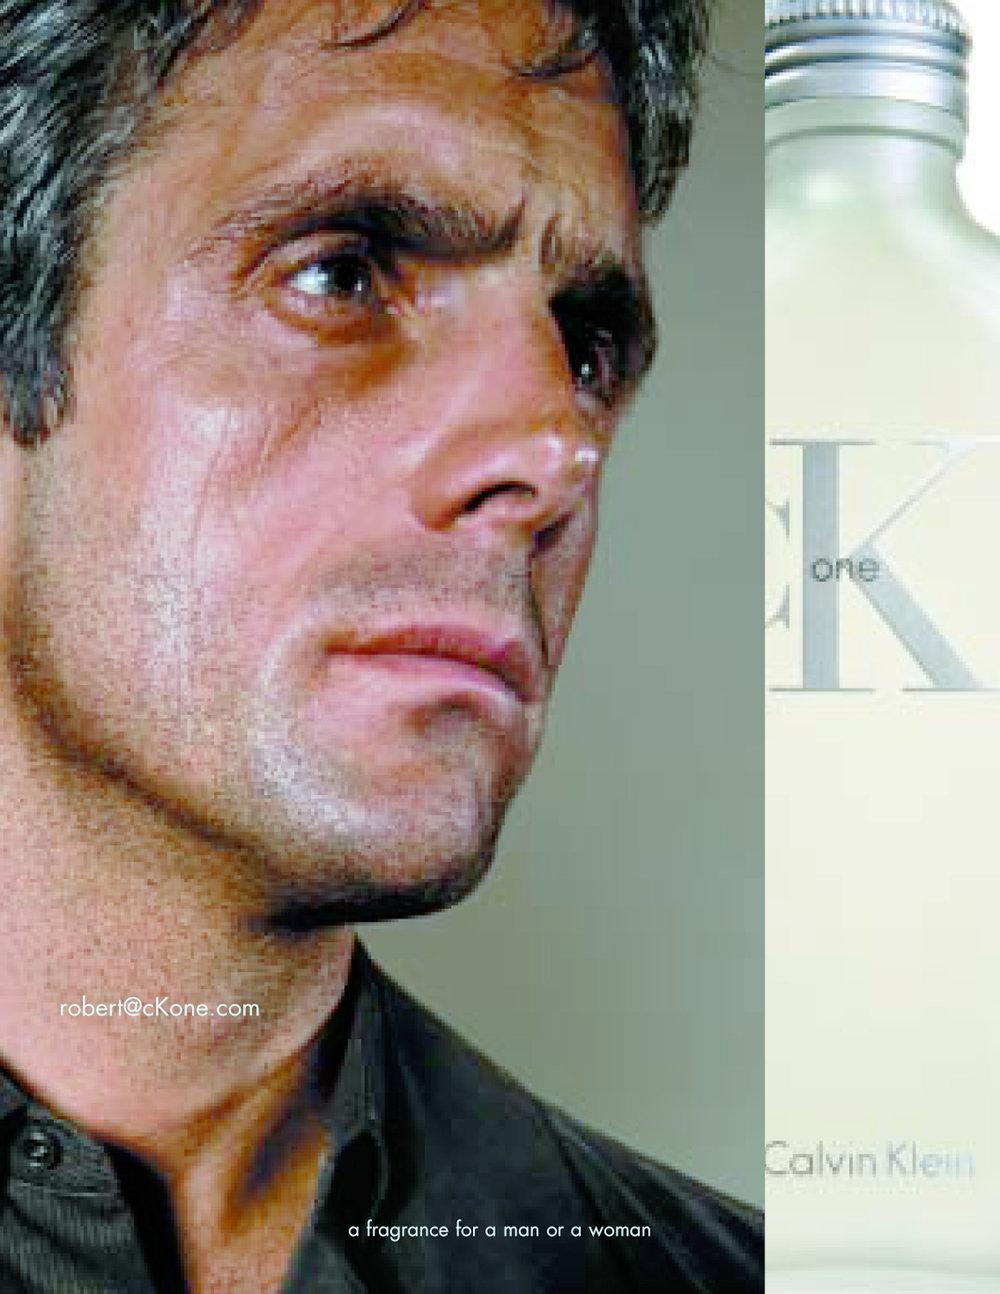 Enrique Mosqueda, creative director  archive portfolio - cKone -advertising campaigns